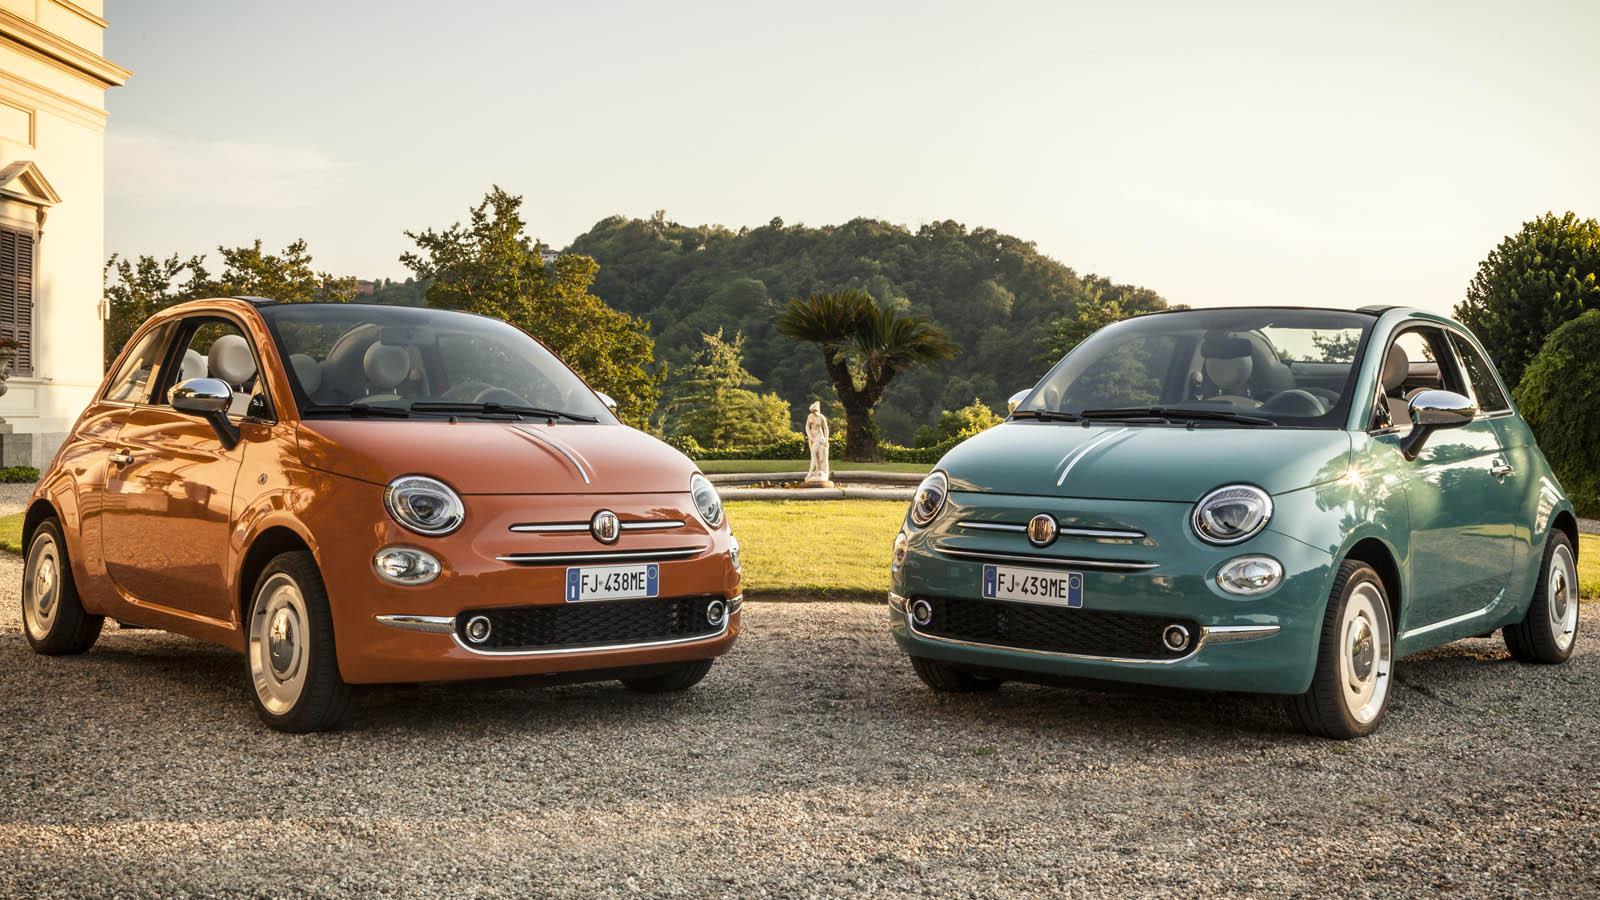 Fiat 500 Anniversario Edition Marks The 60th Anniversary